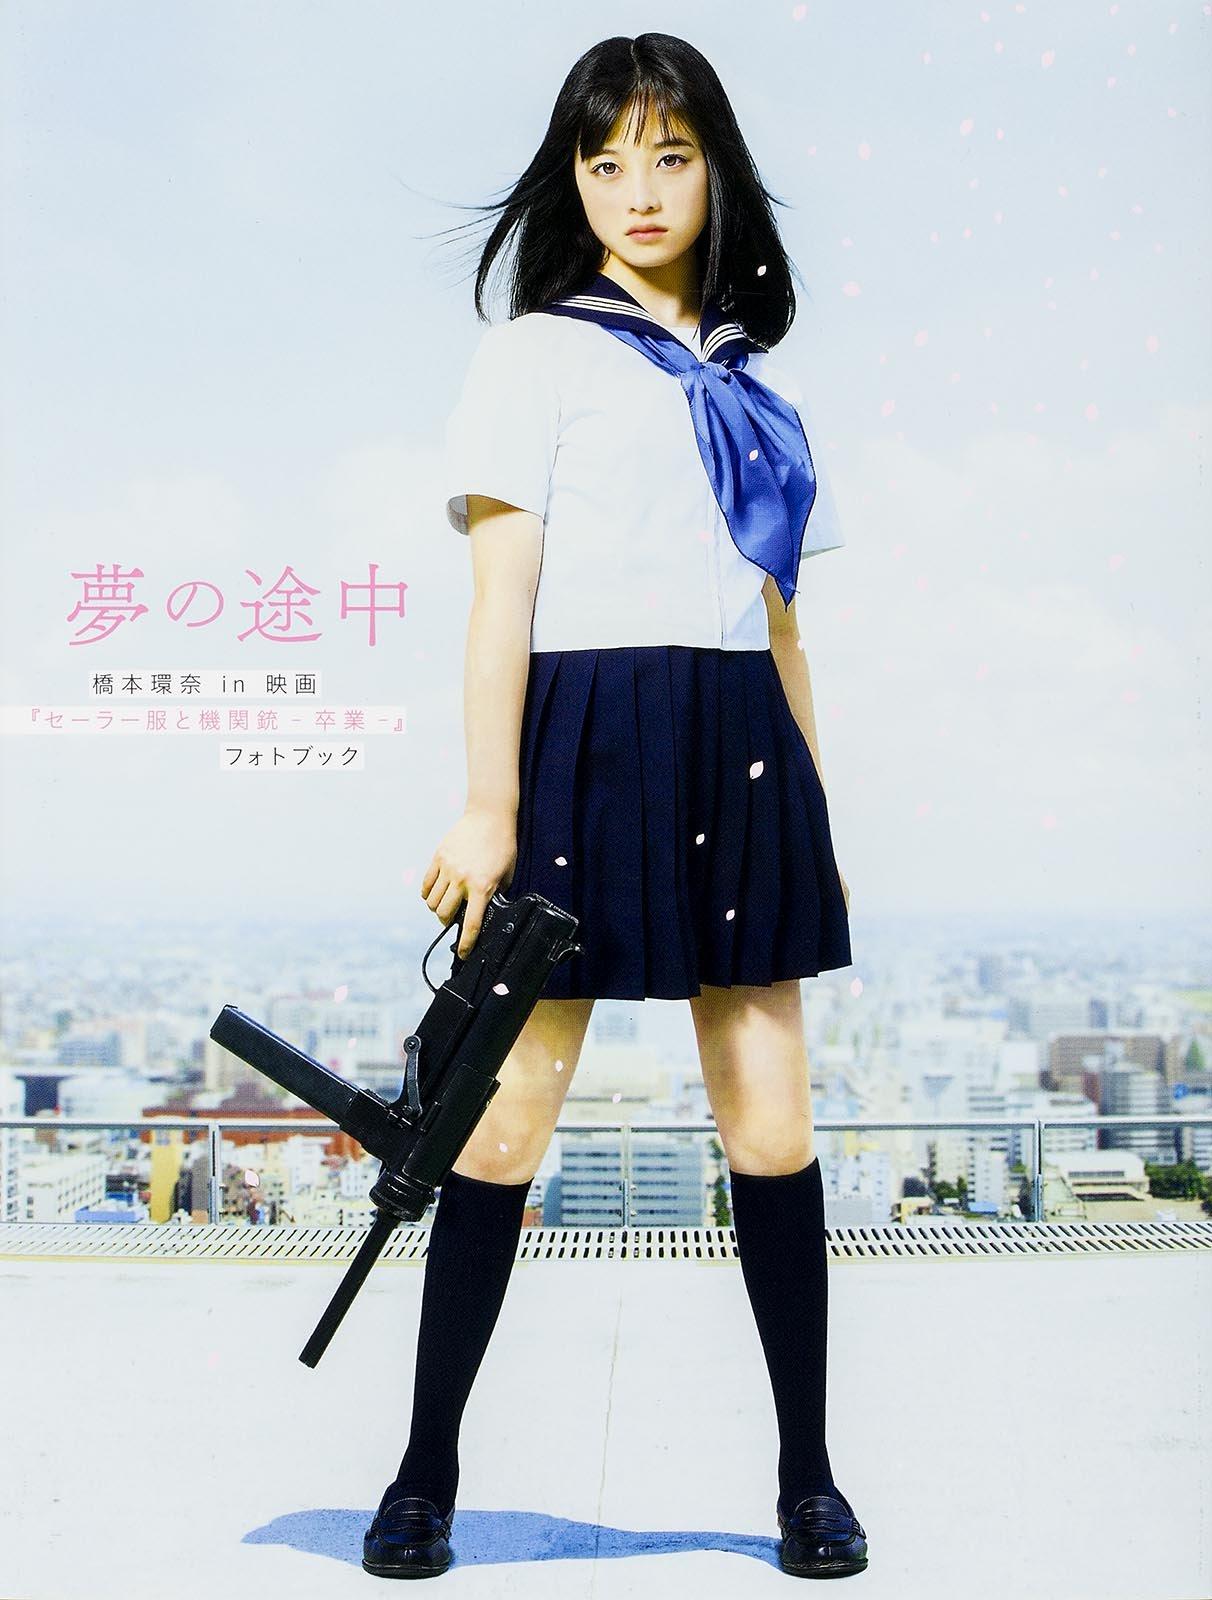 夢の途中 橋本環奈in映画『セーラー服と機関銃 \u2010卒業\u2010』フォト